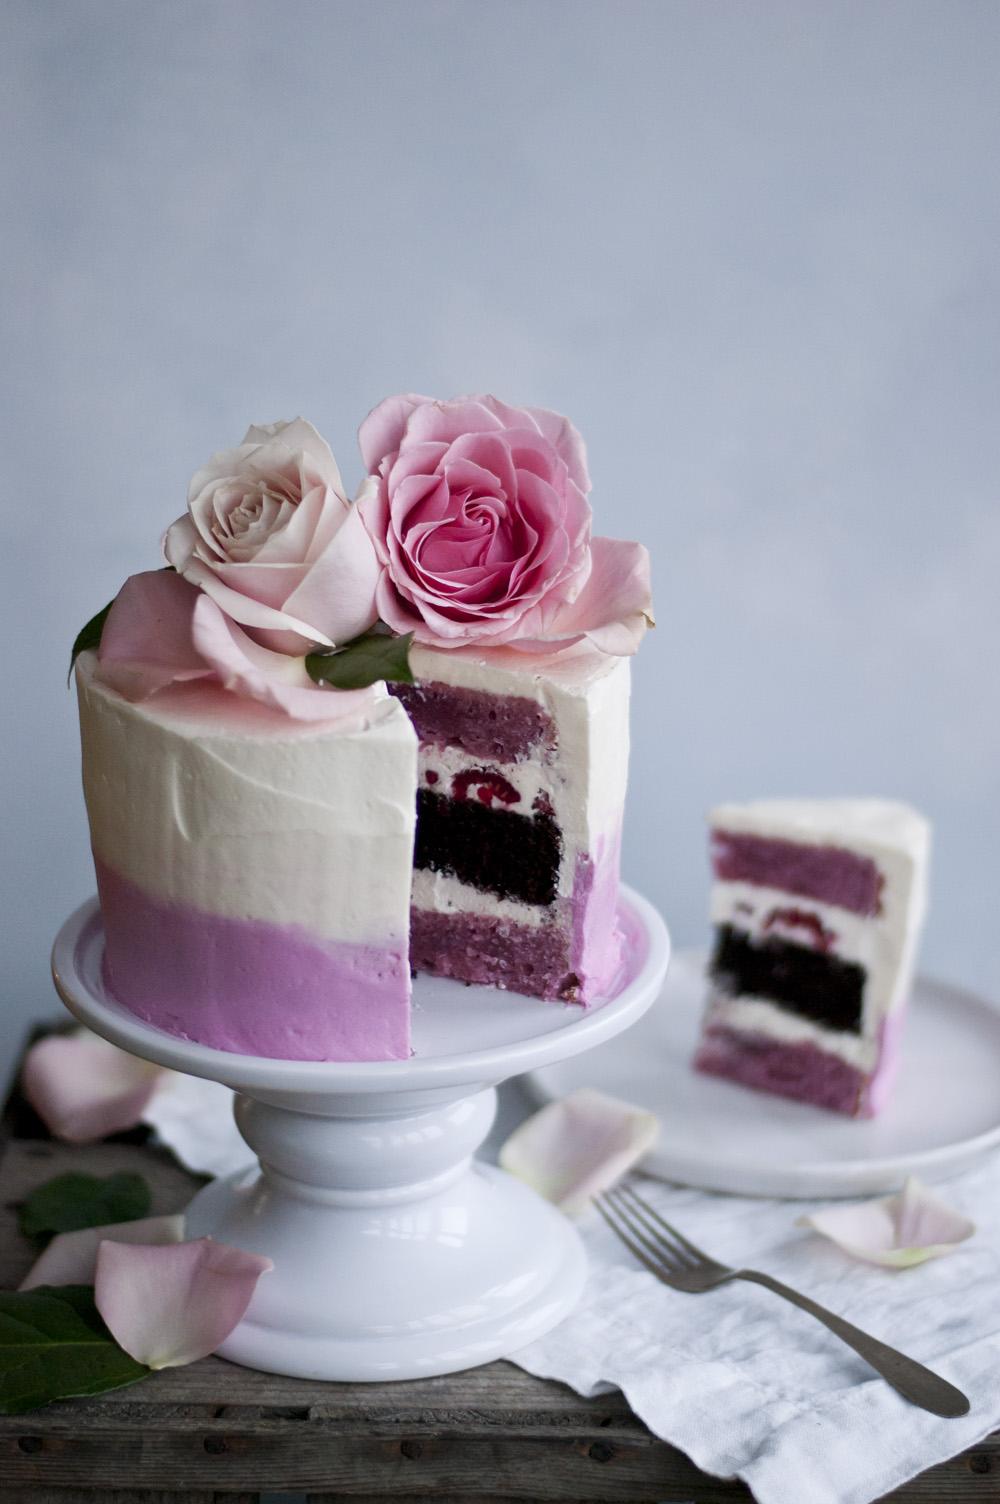 Copenhagencakes-hindbaerlagkage-8